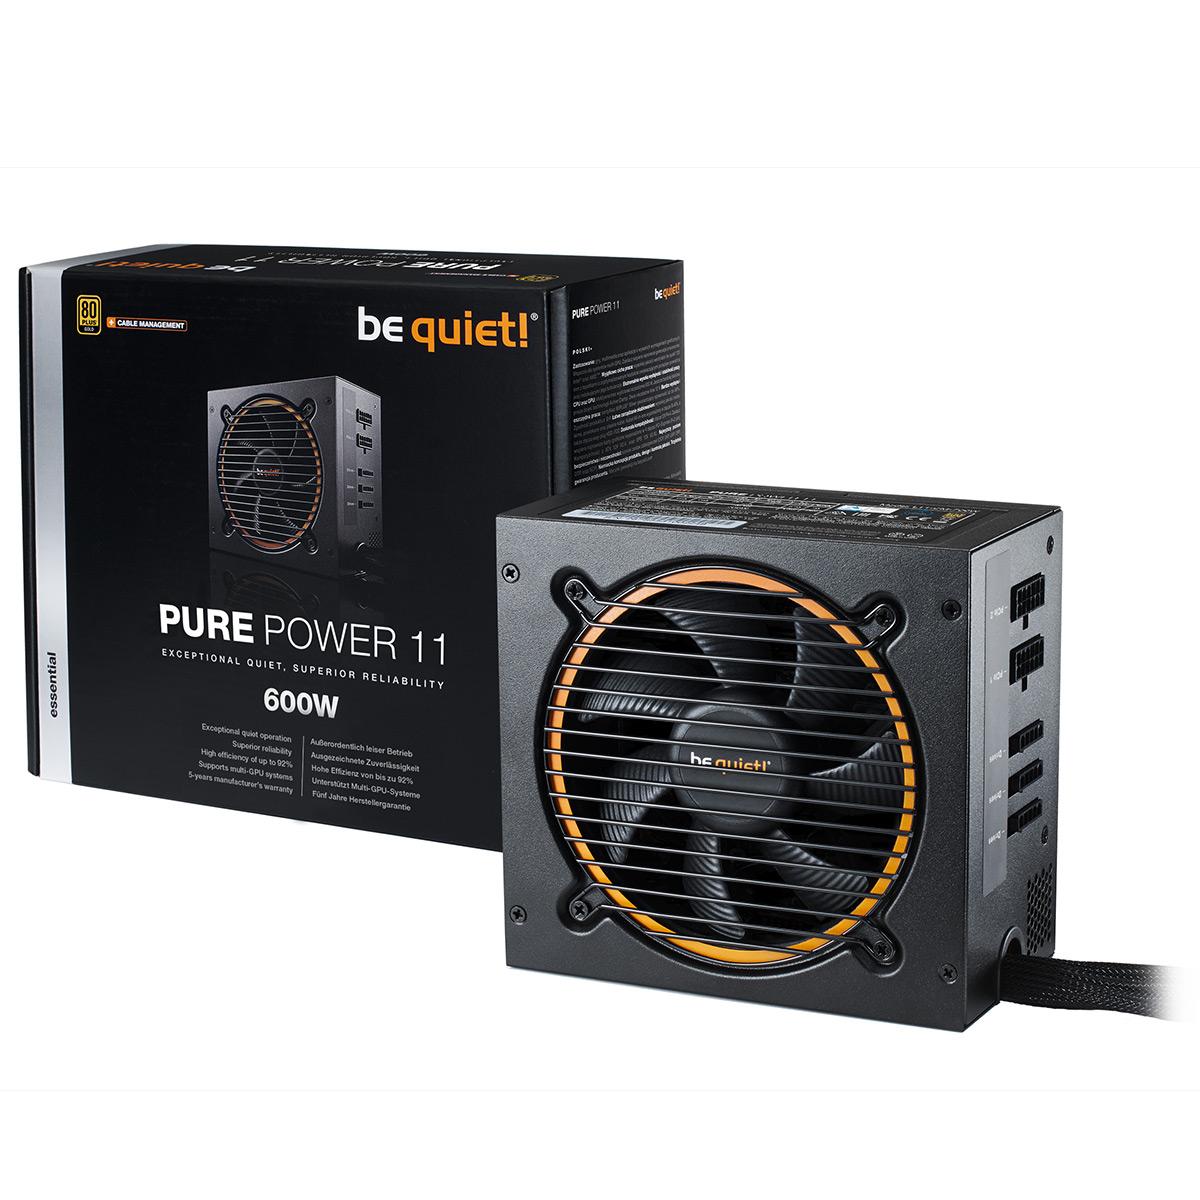 Alimentation PC be quiet! Pure Power 11 600W CM 80PLUS Gold Alimentation modulaire 600W ATX 12V 2.4 (Garantie 5 ans constructeur) - 80PLUS Gold